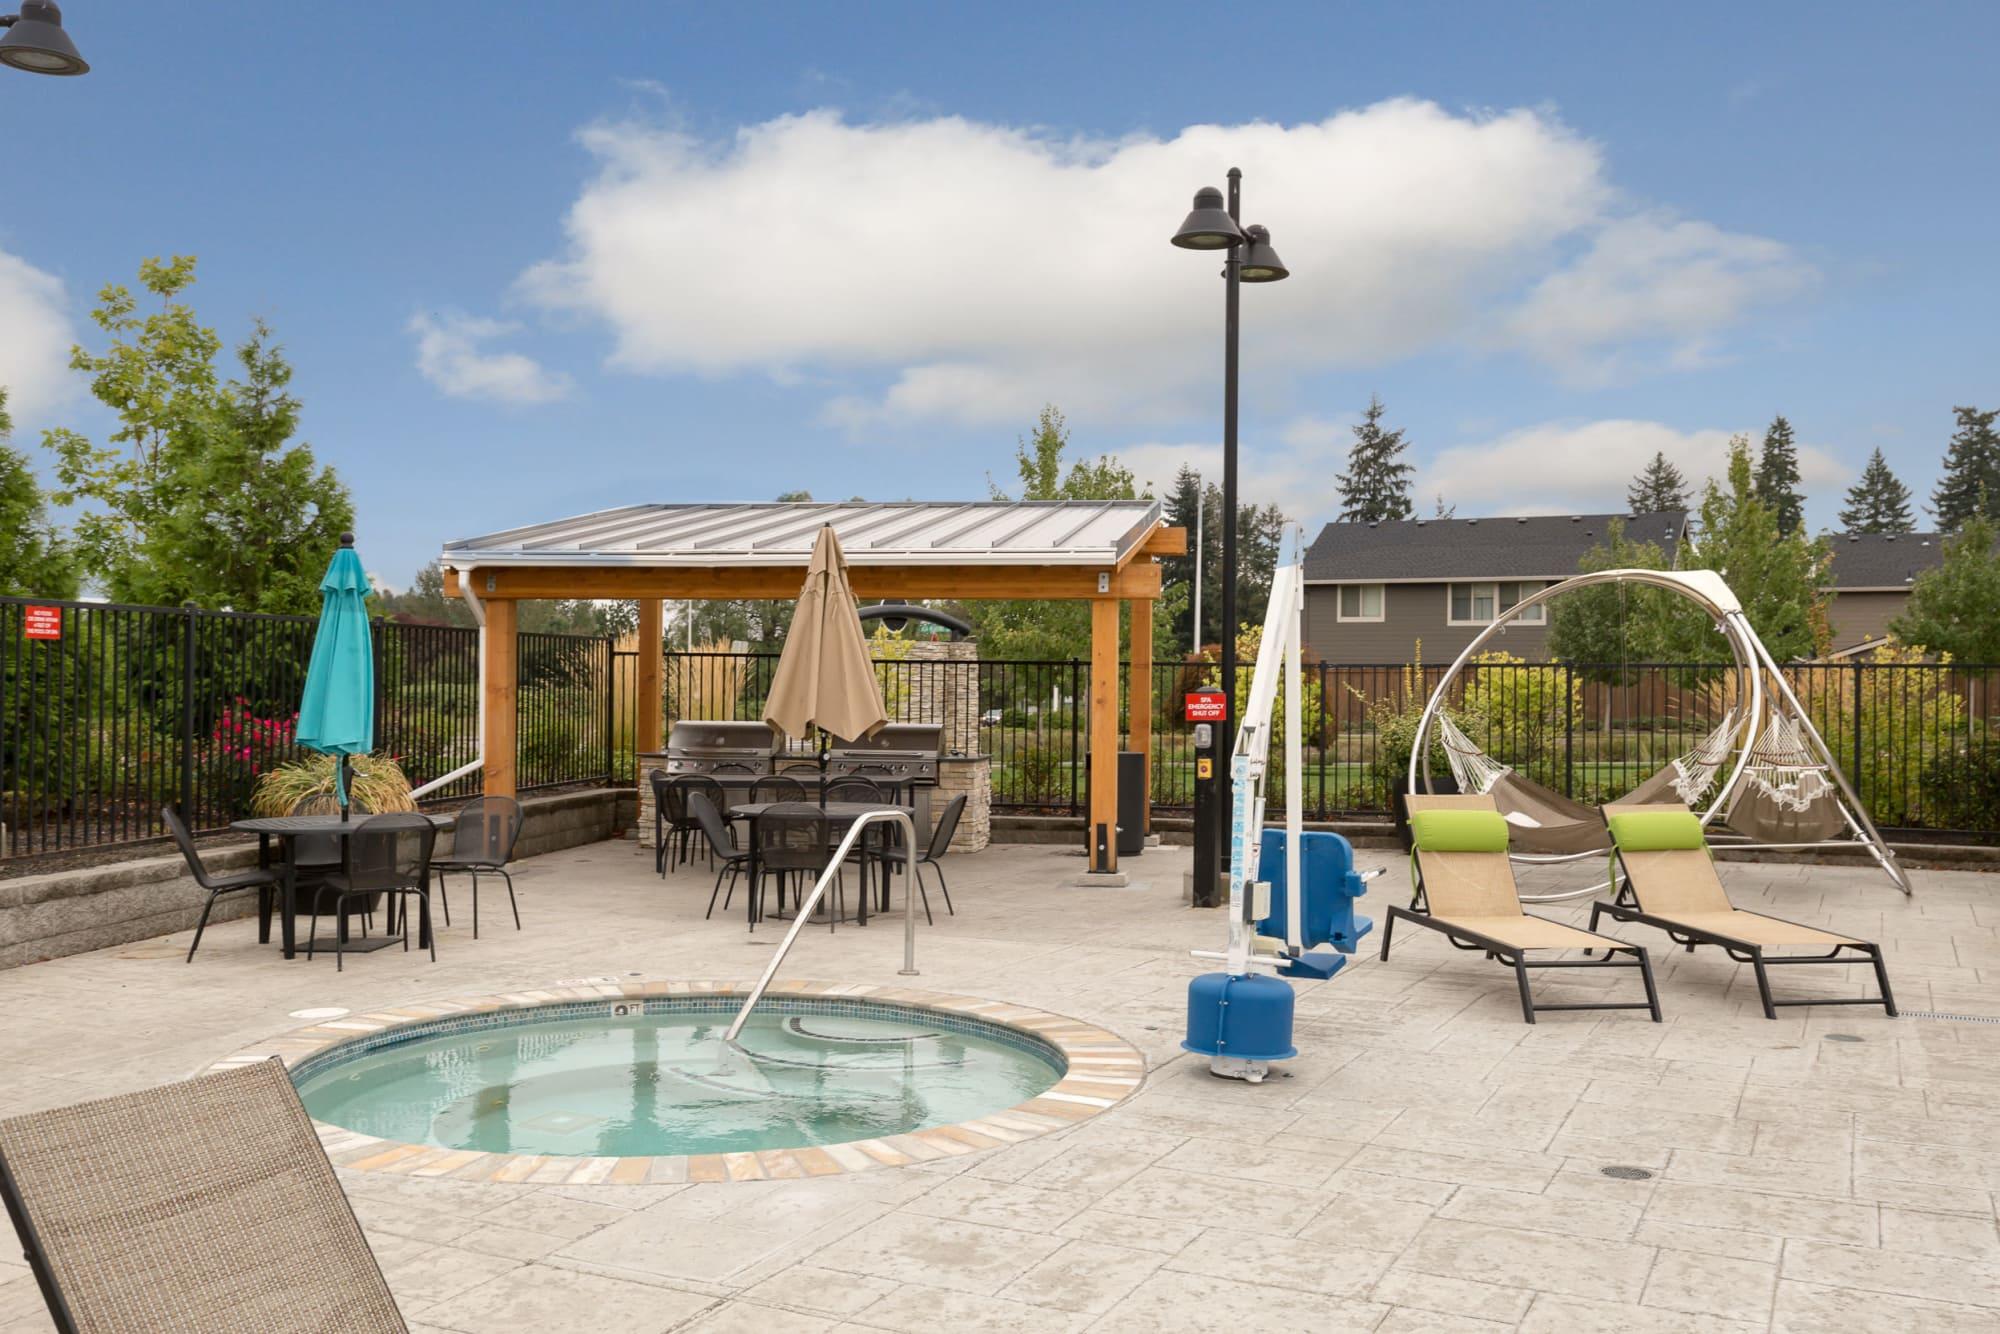 Spa and Lounge Area Near Pool